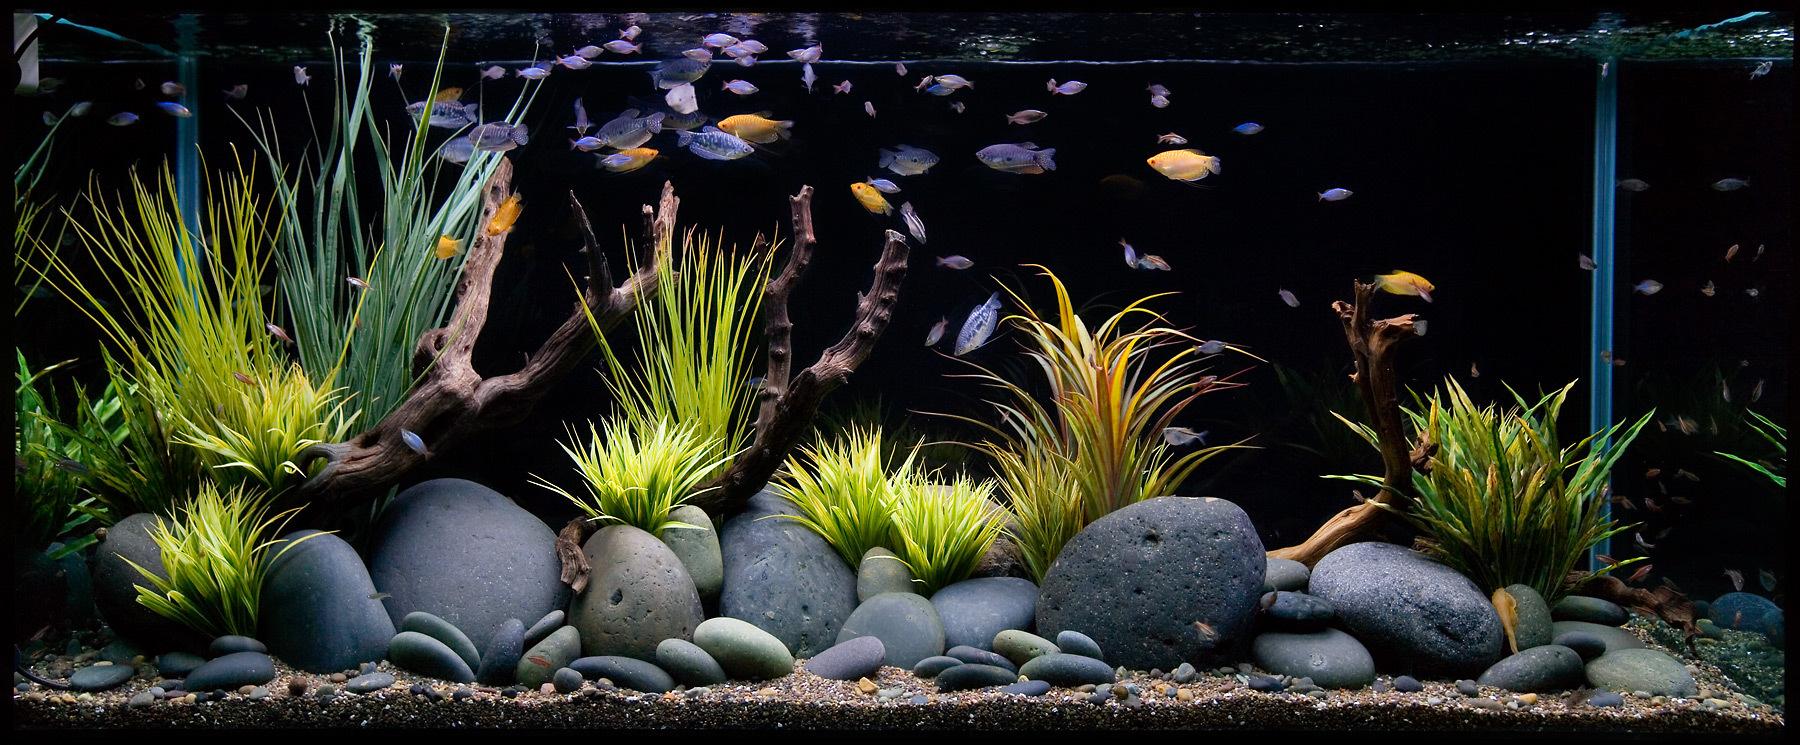 Декор для аквариума с галькой